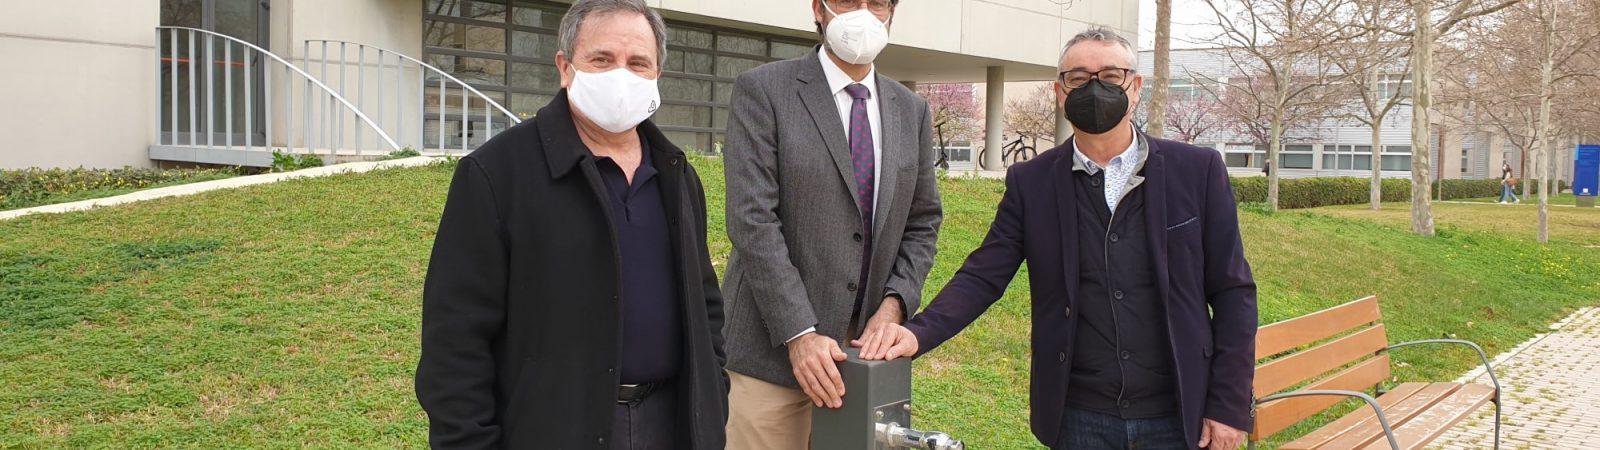 José Ramón Martínez, Salvador Ivorra y David Ribes, tras la presentación del plan sanitario del agua en la Universidad de Alicante.